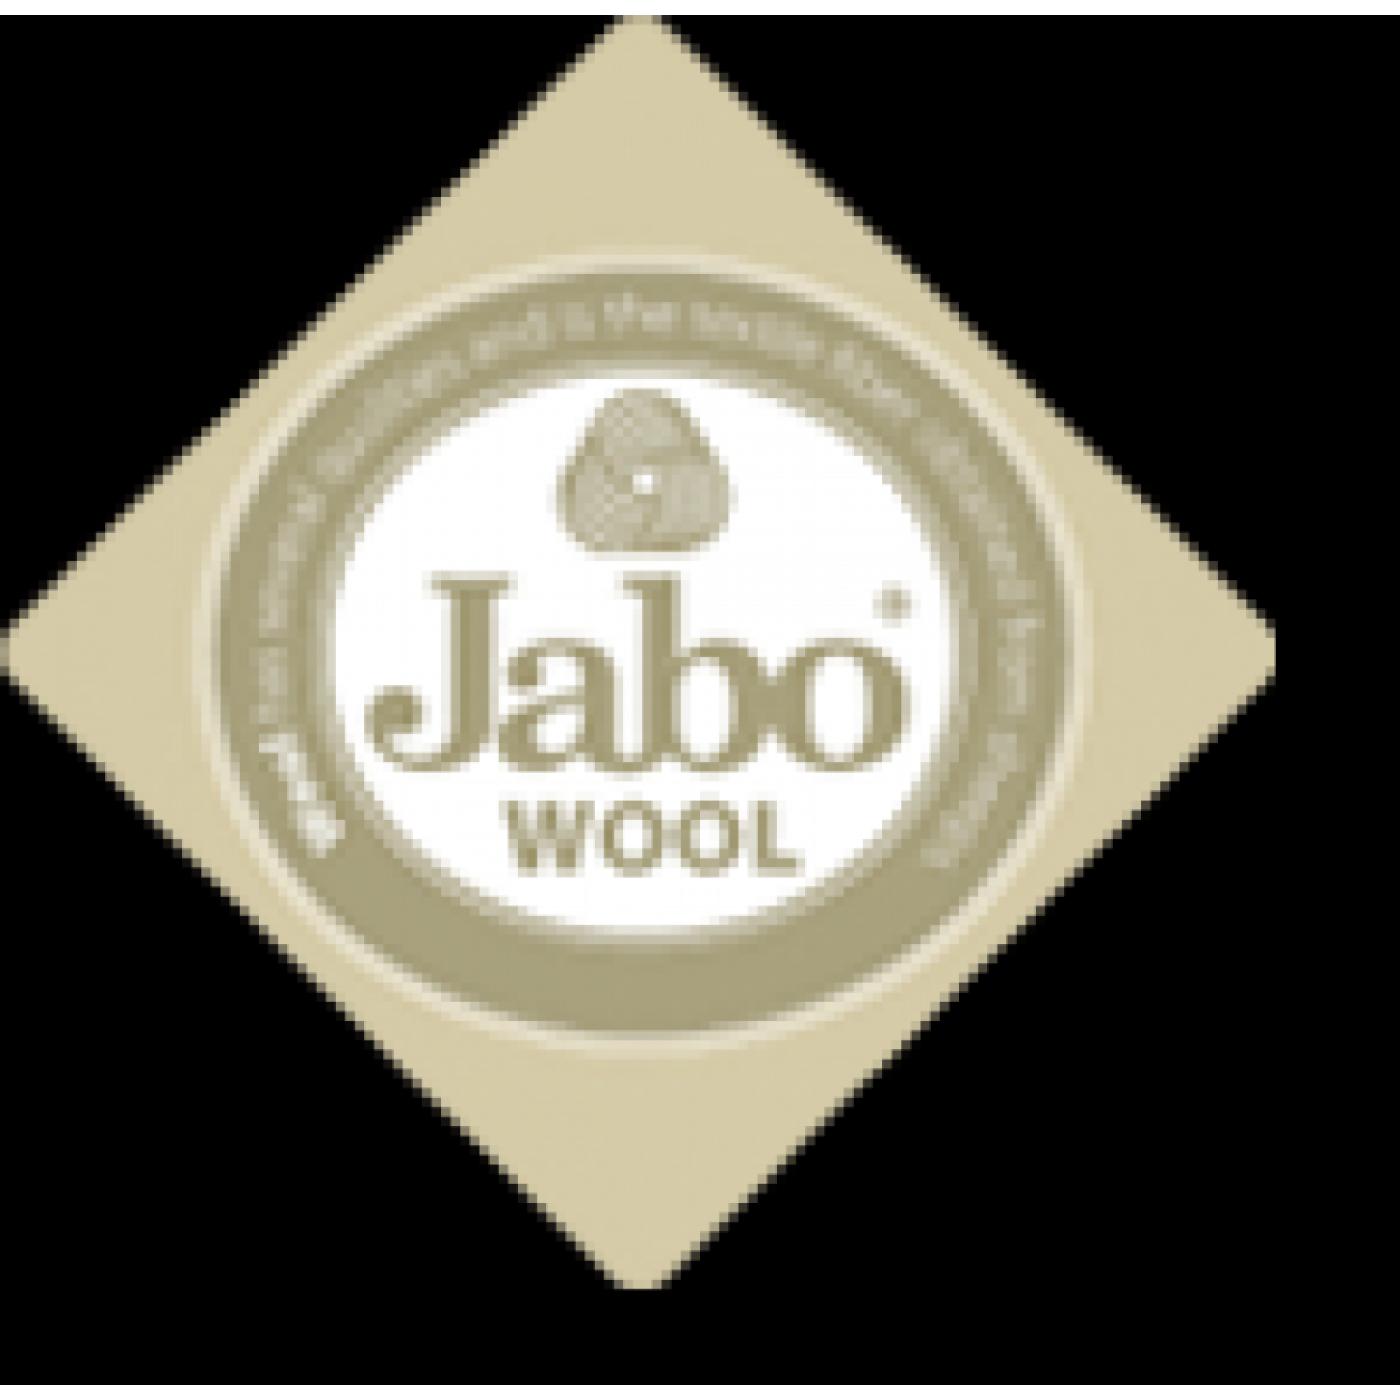 Jabo Wol